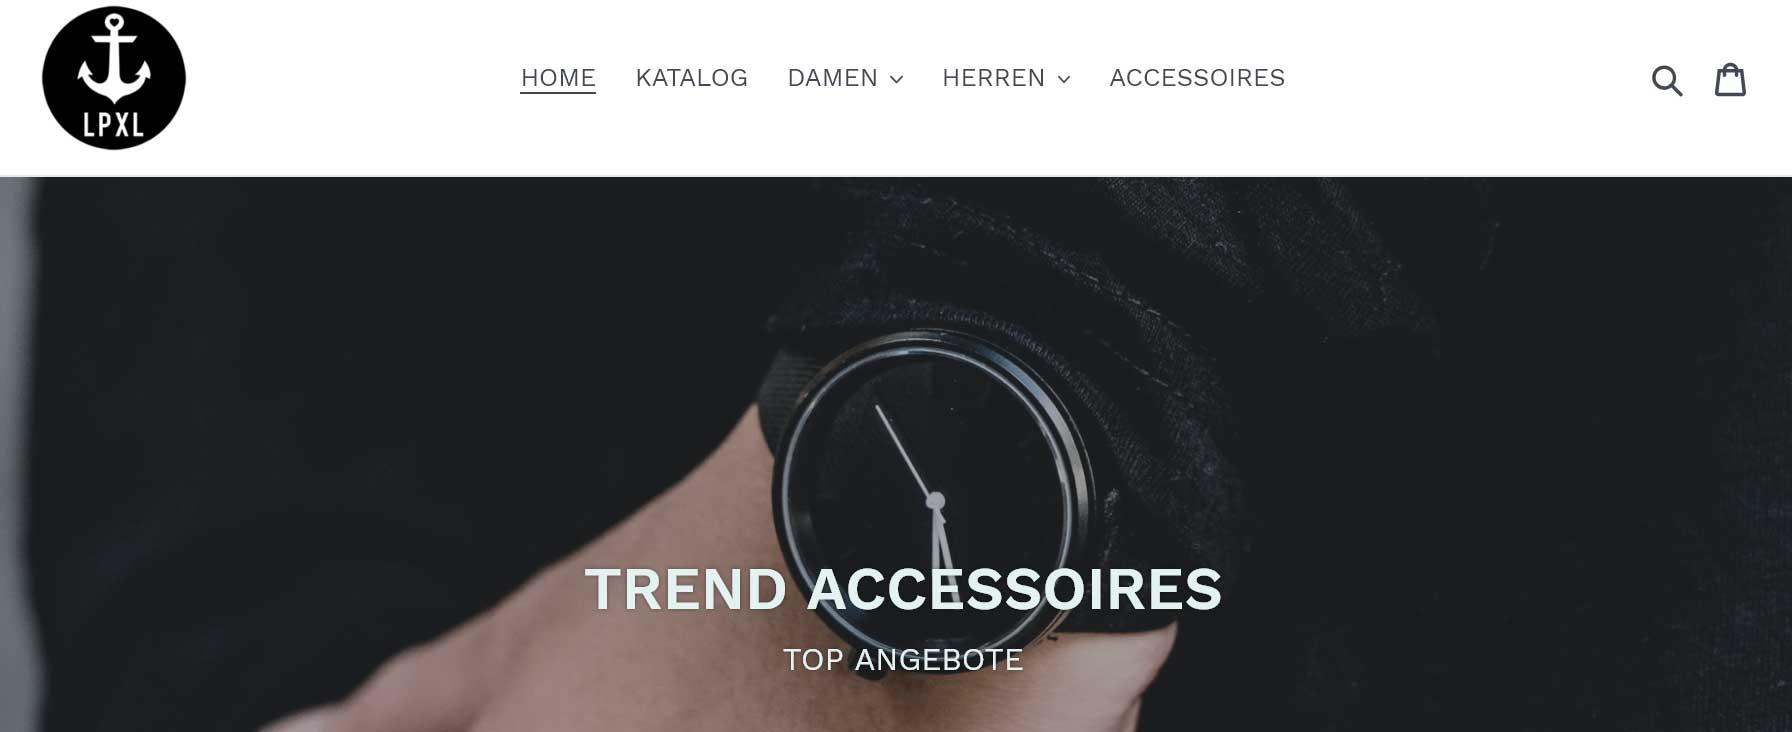 liebespixel-agentur-kirchheim-lpxl-web-shop-2